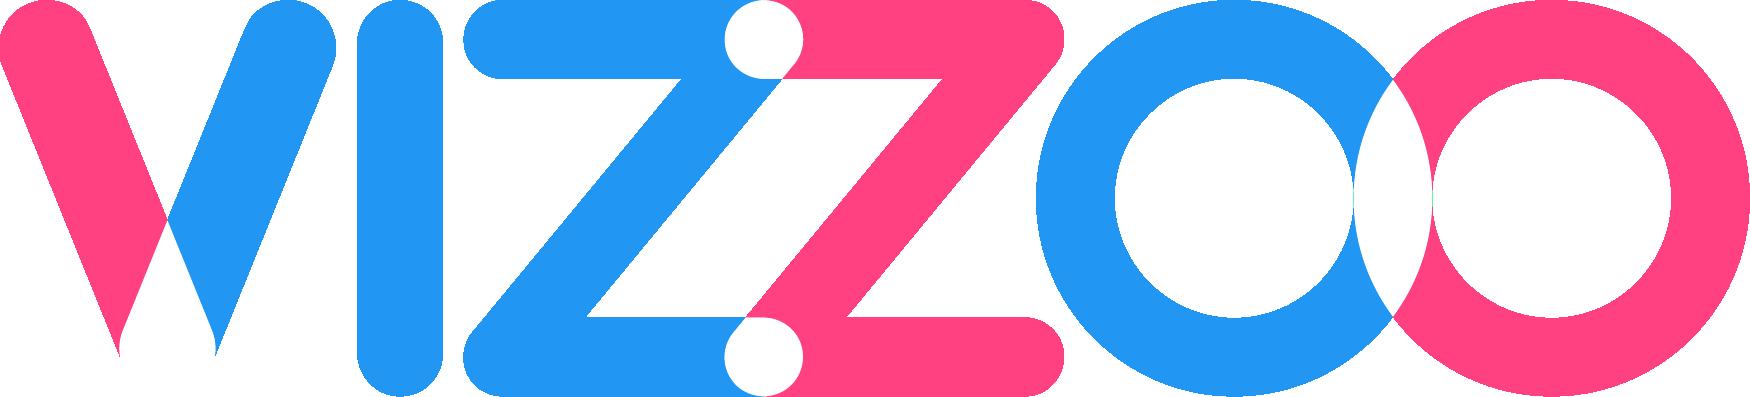 Logo Vizzoo